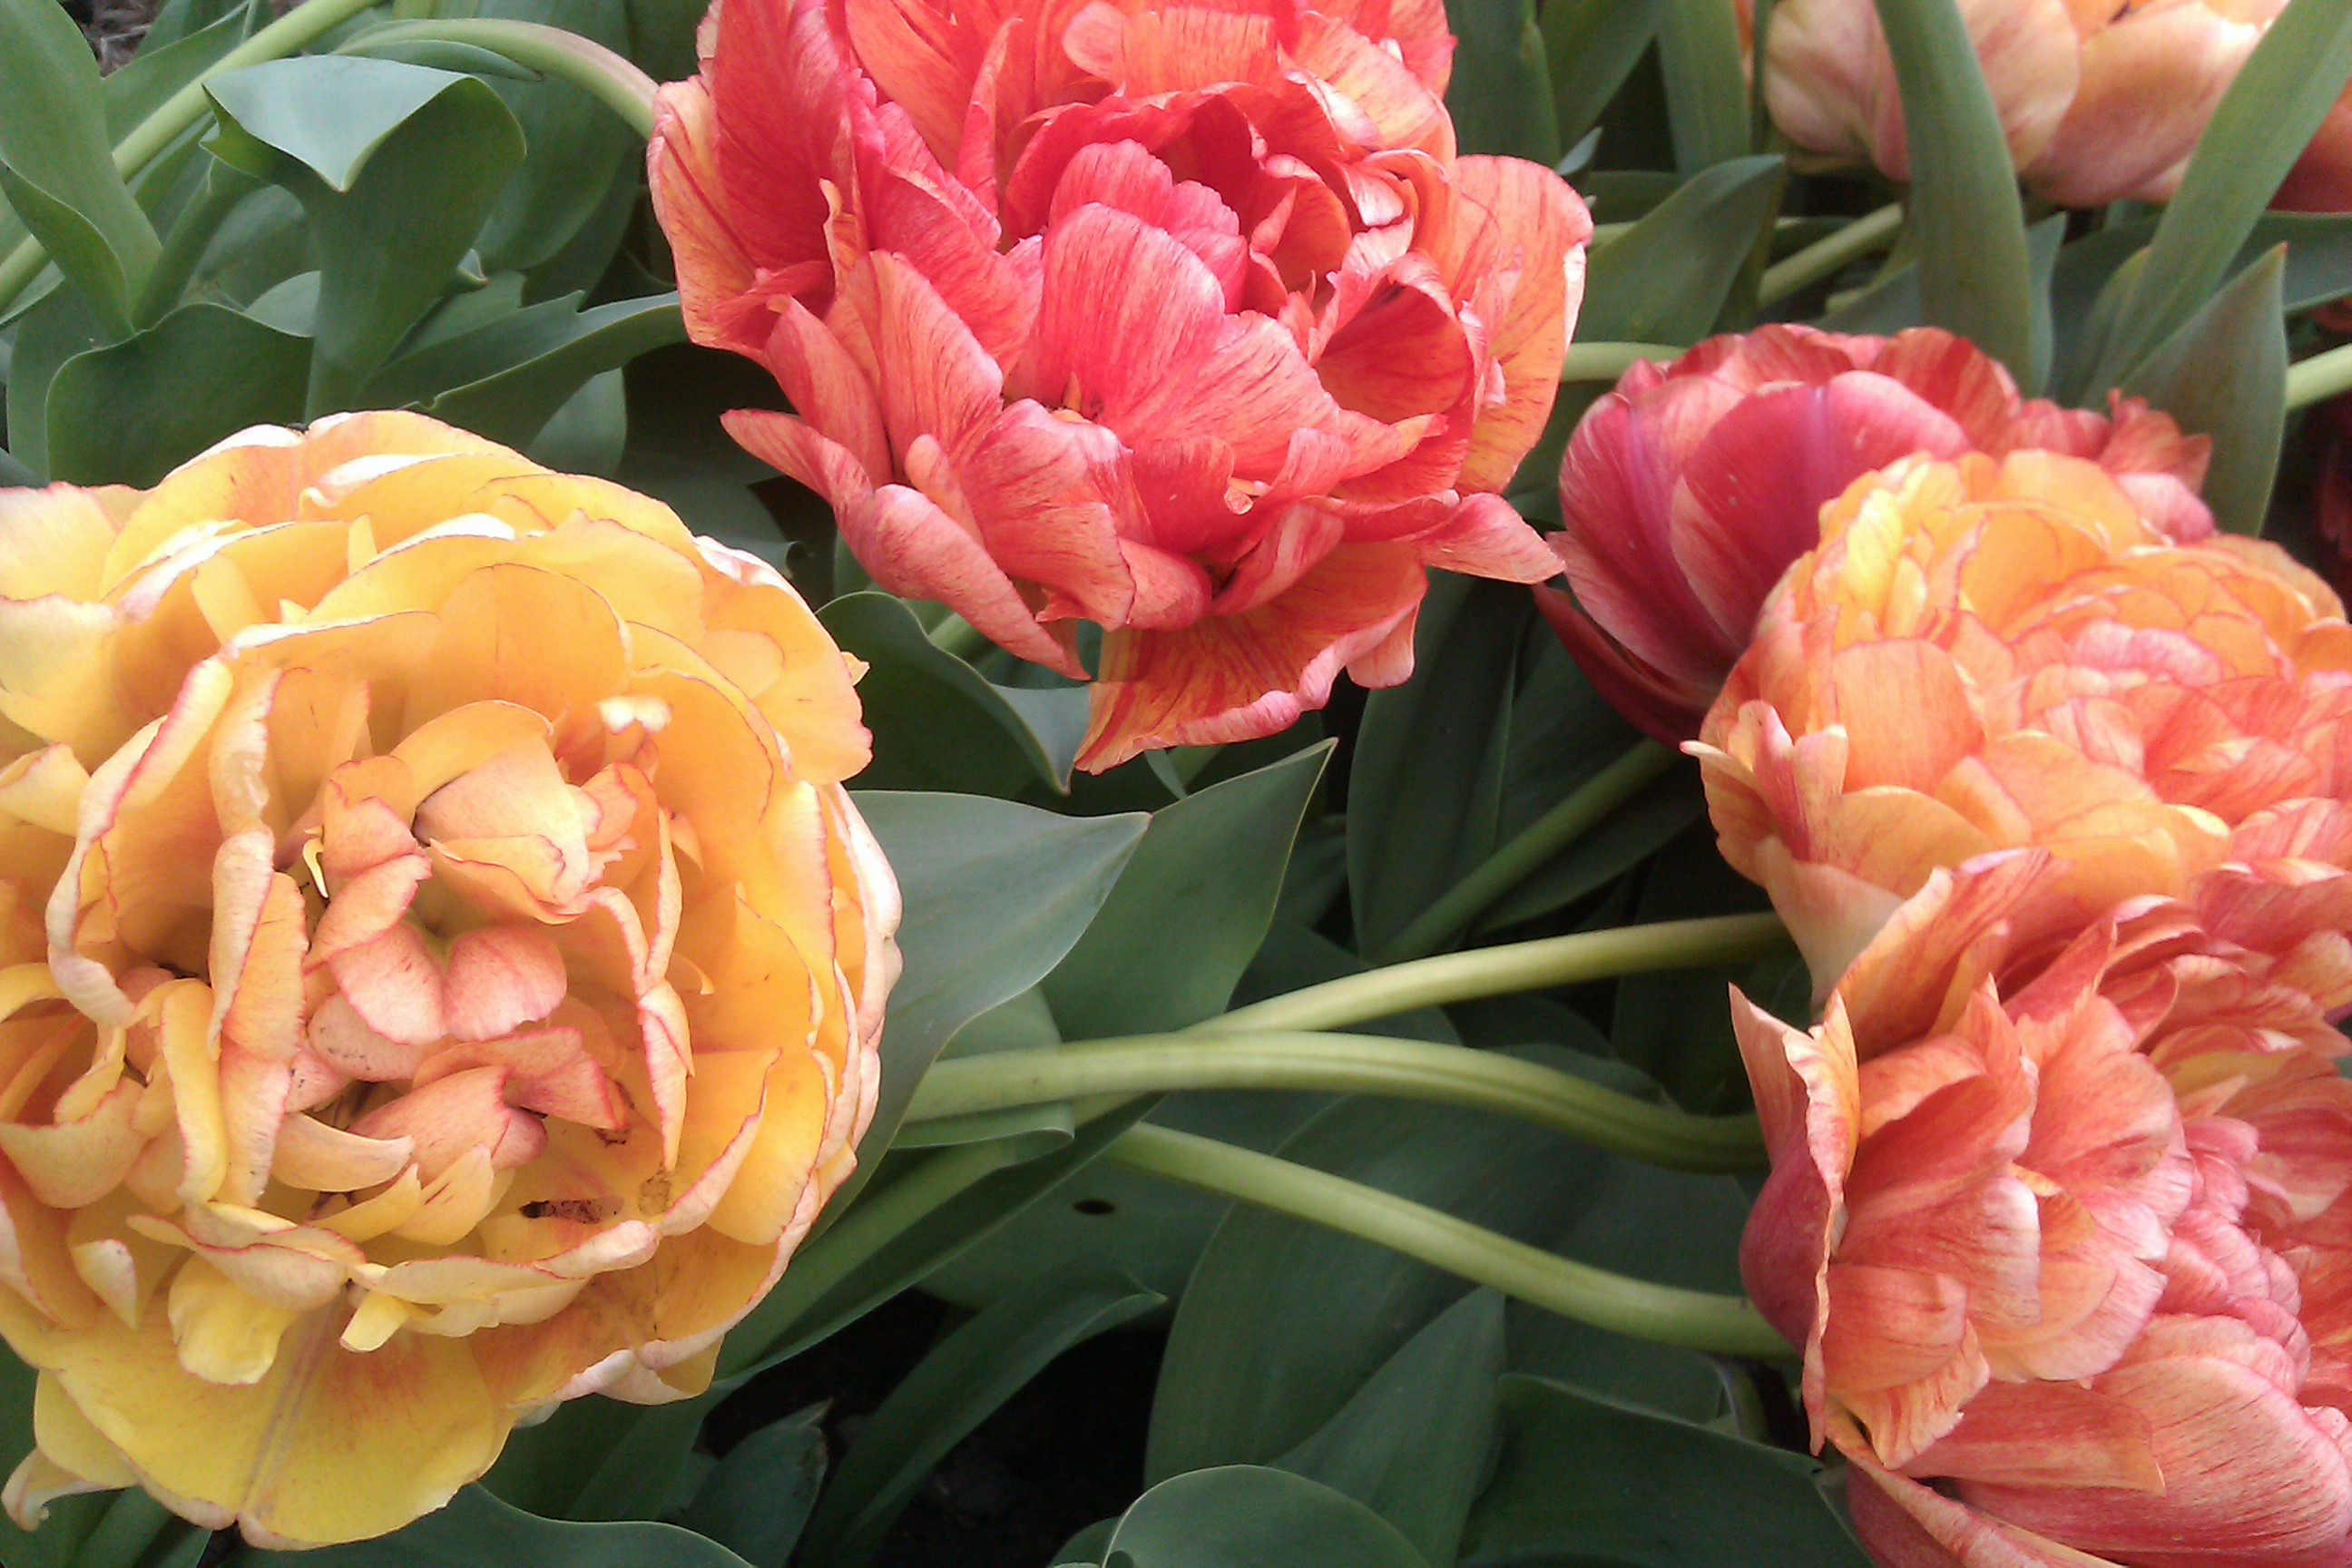 Fylldblommande tulpaner får tunga blommor som lätt bryts av regn och vind.